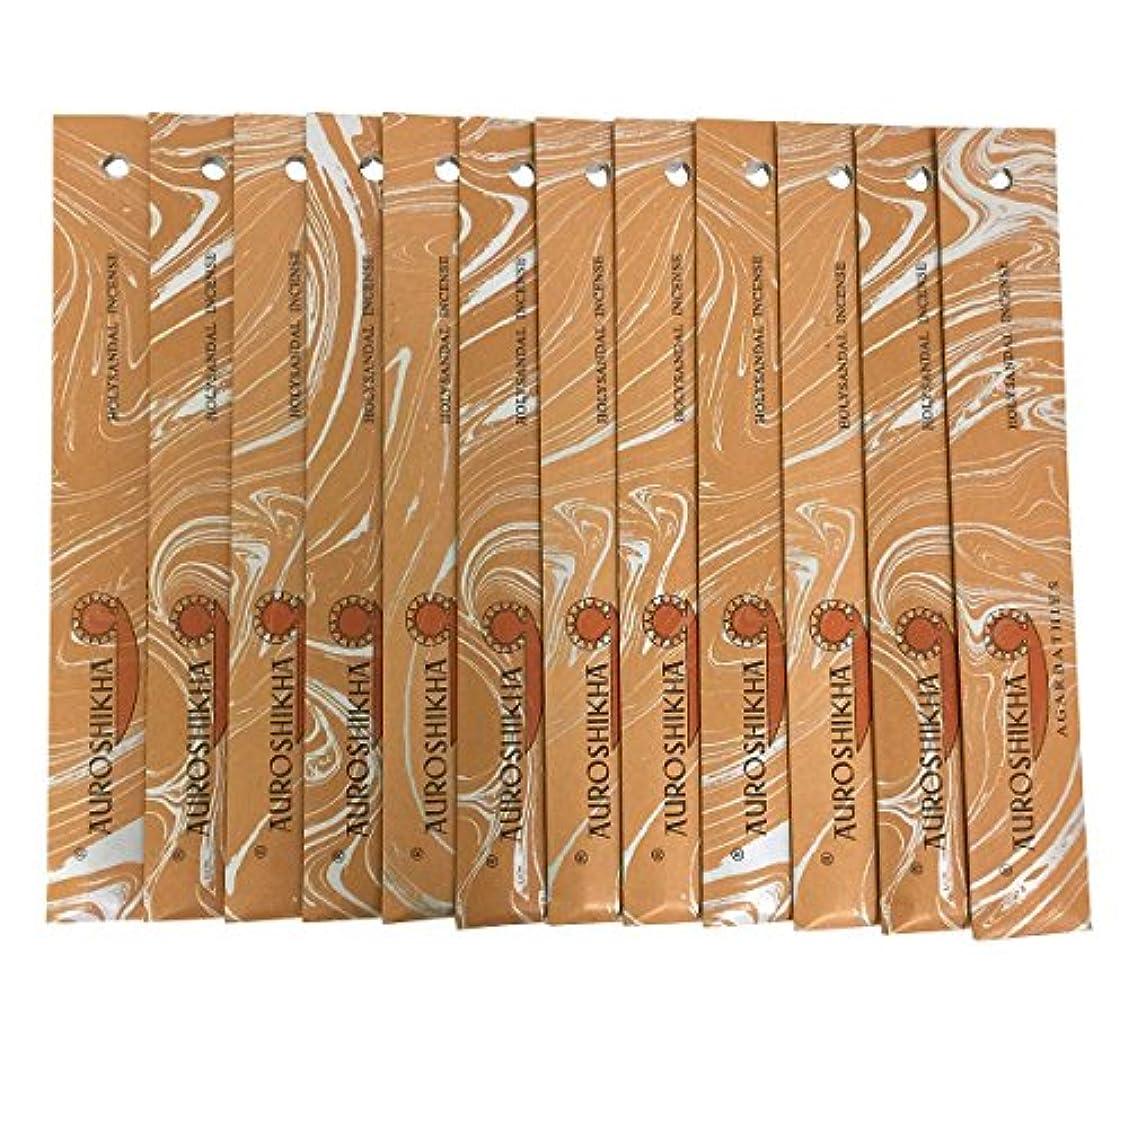 クモ橋予言するAUROSHIKHA オウロシカ(HOLYSANDALホーリーサンダル12個セット) マーブルパッケージスティック 送料無料